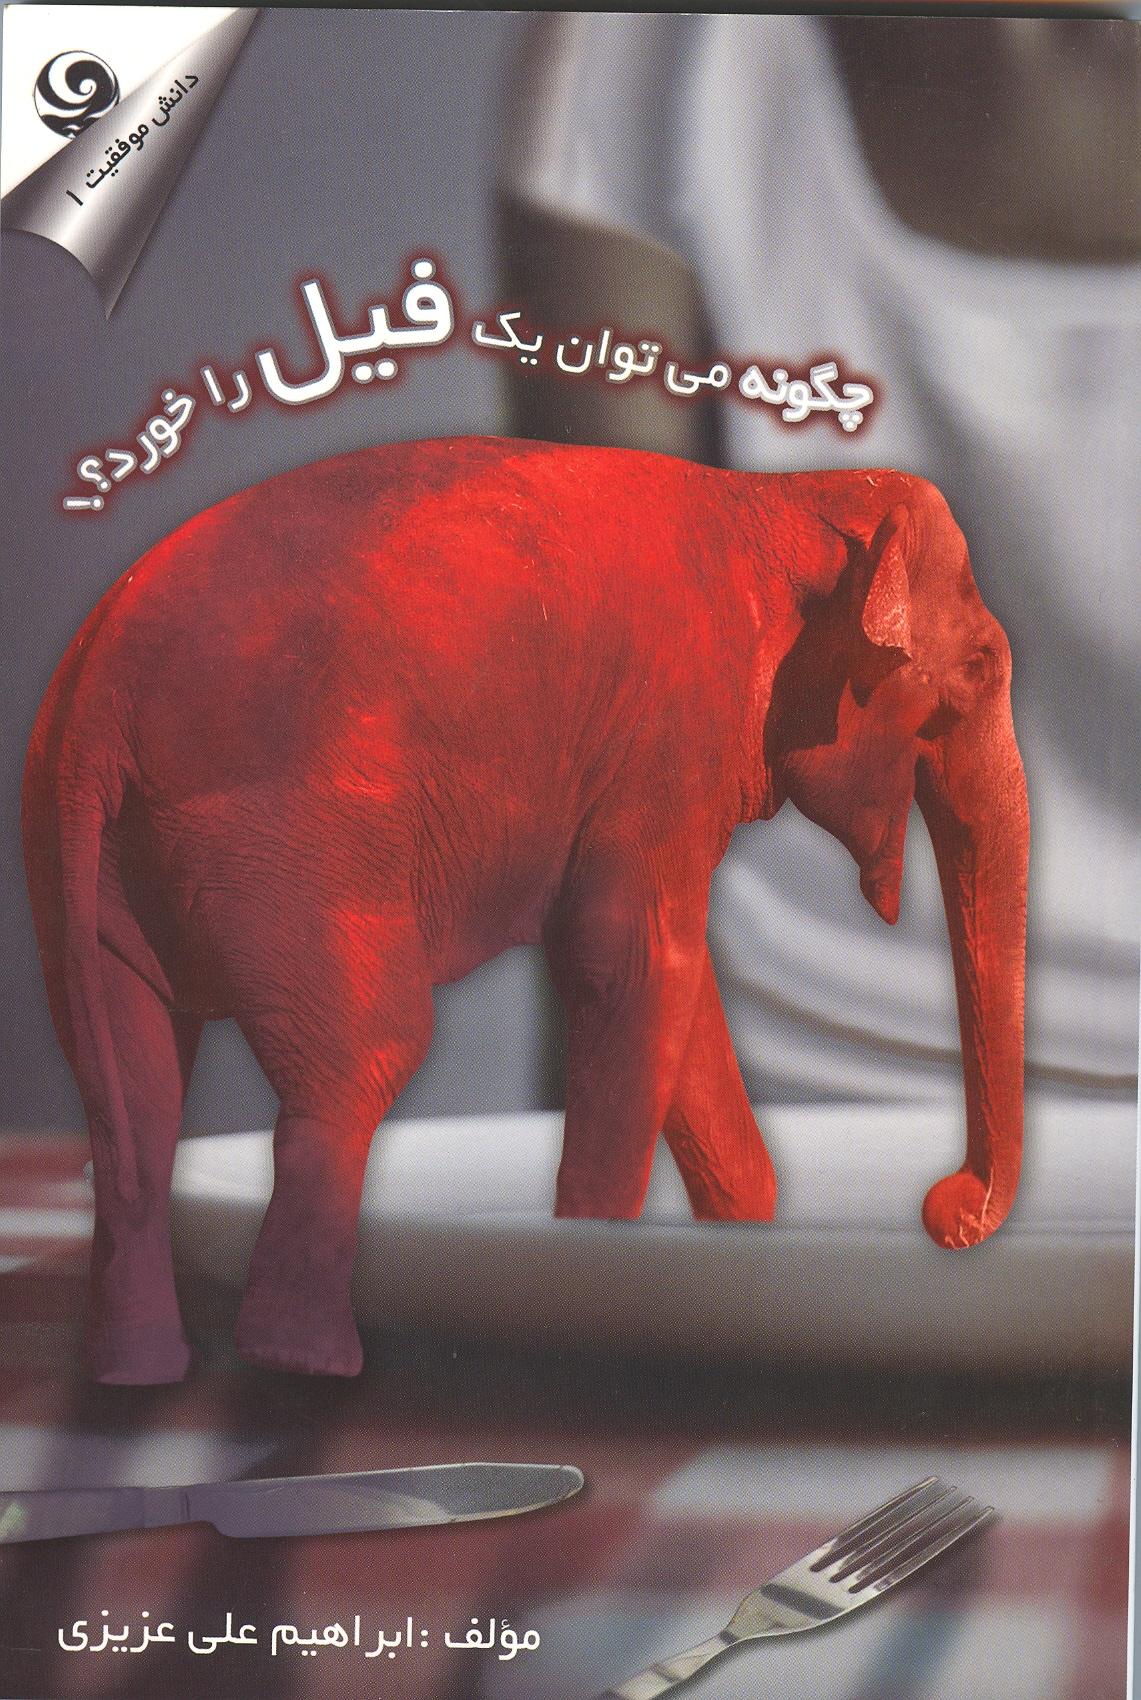 چگونه می توان یک فیل را خورد ؟